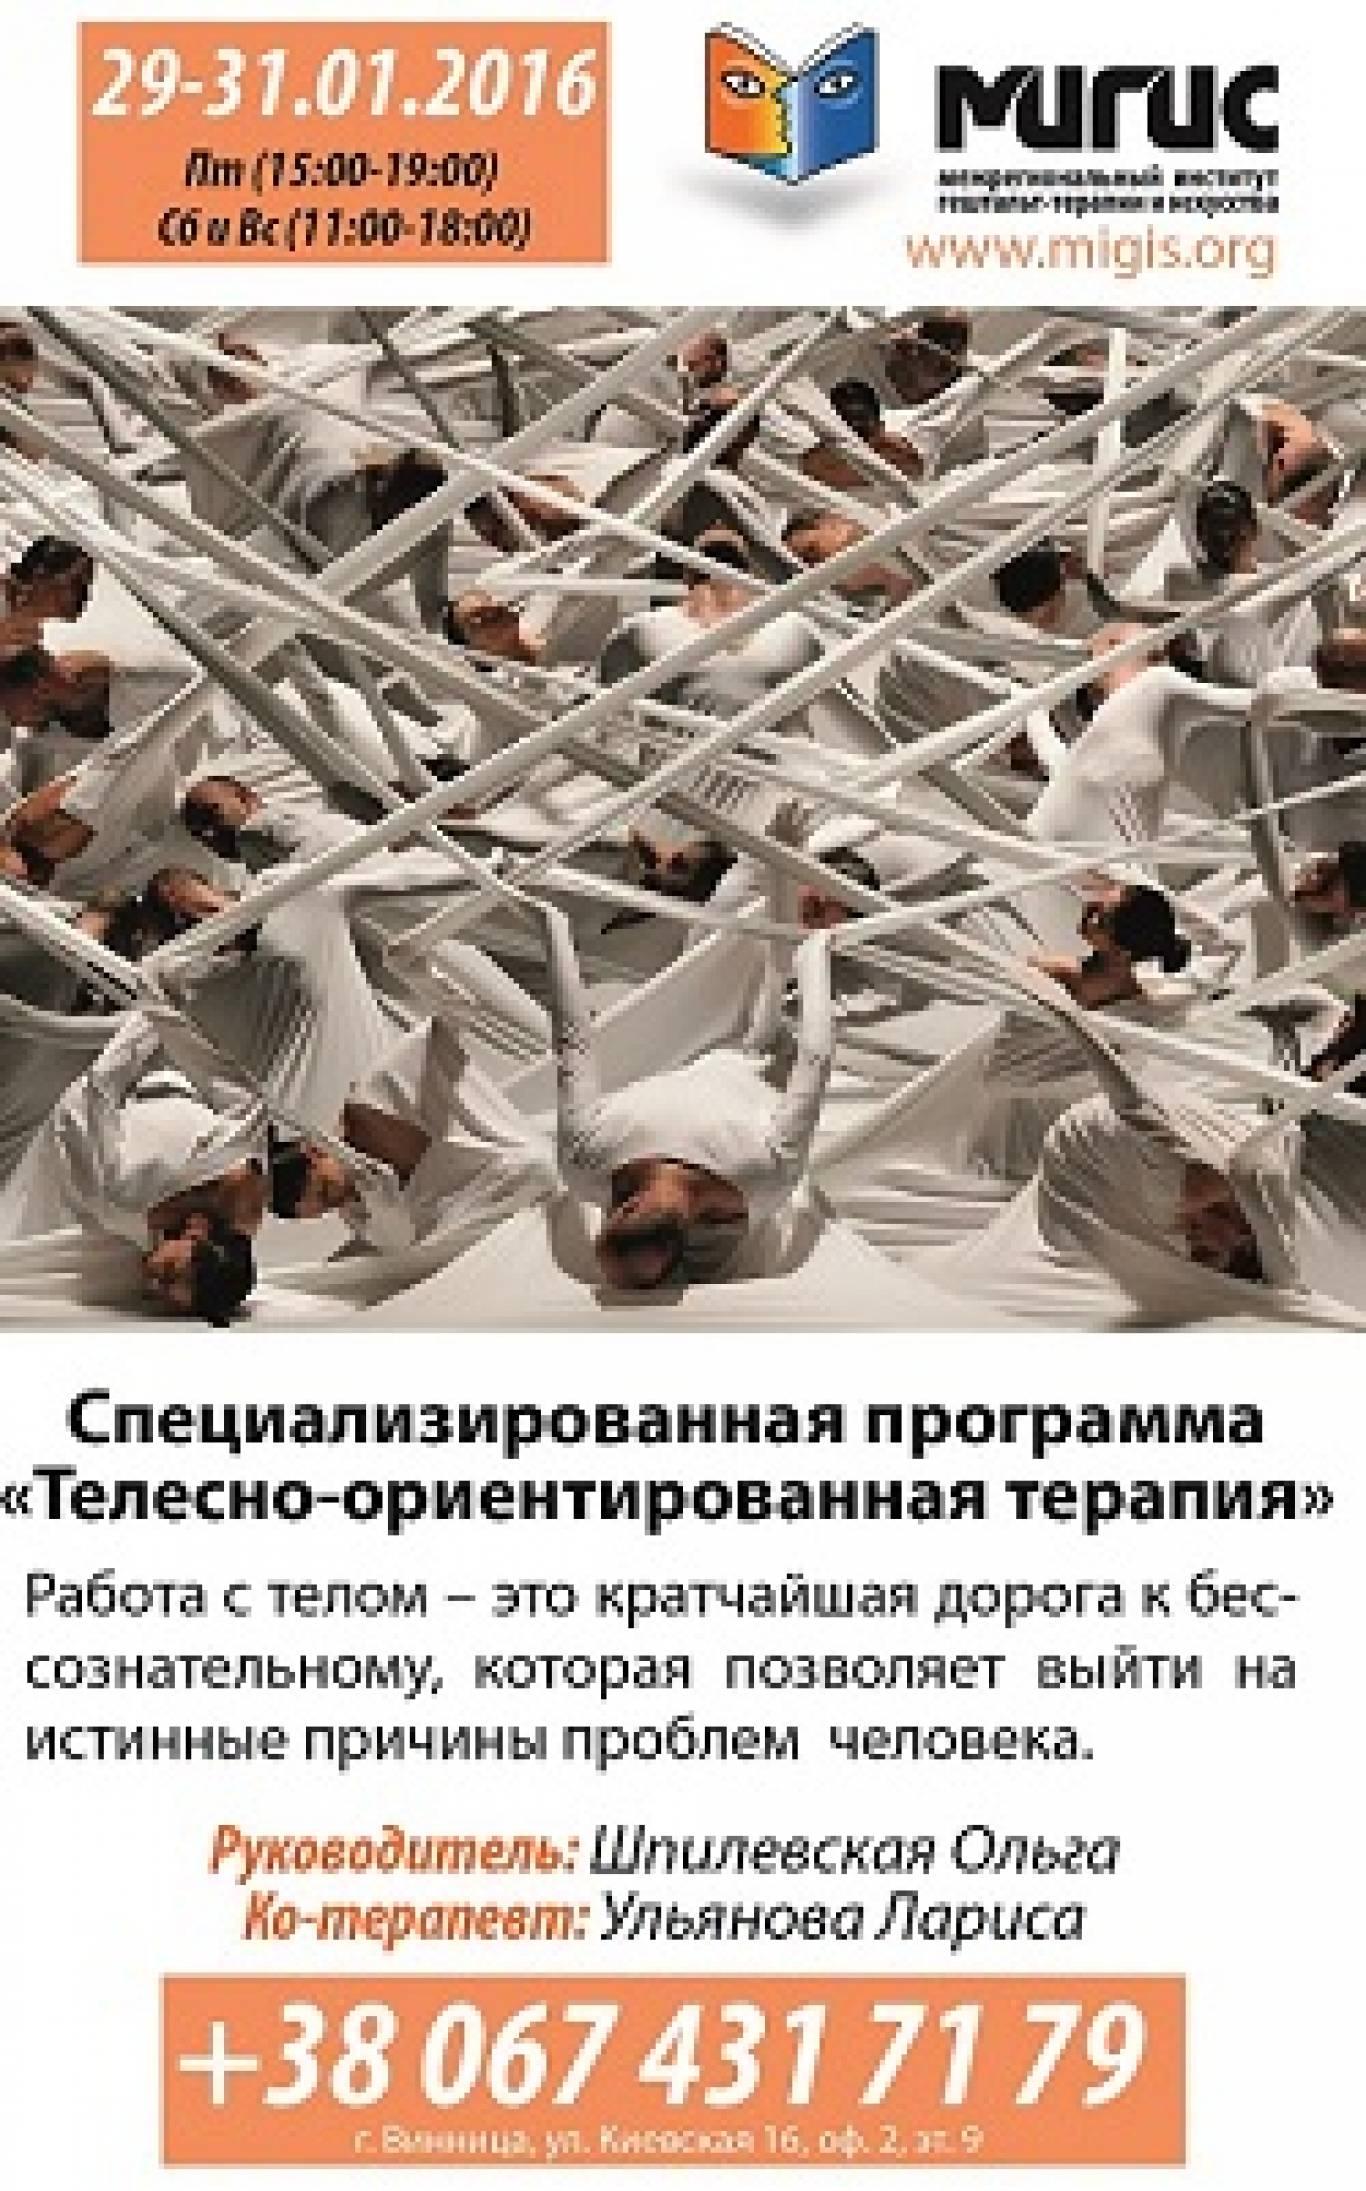 Семинары «Телесно-ориентированная терапия»